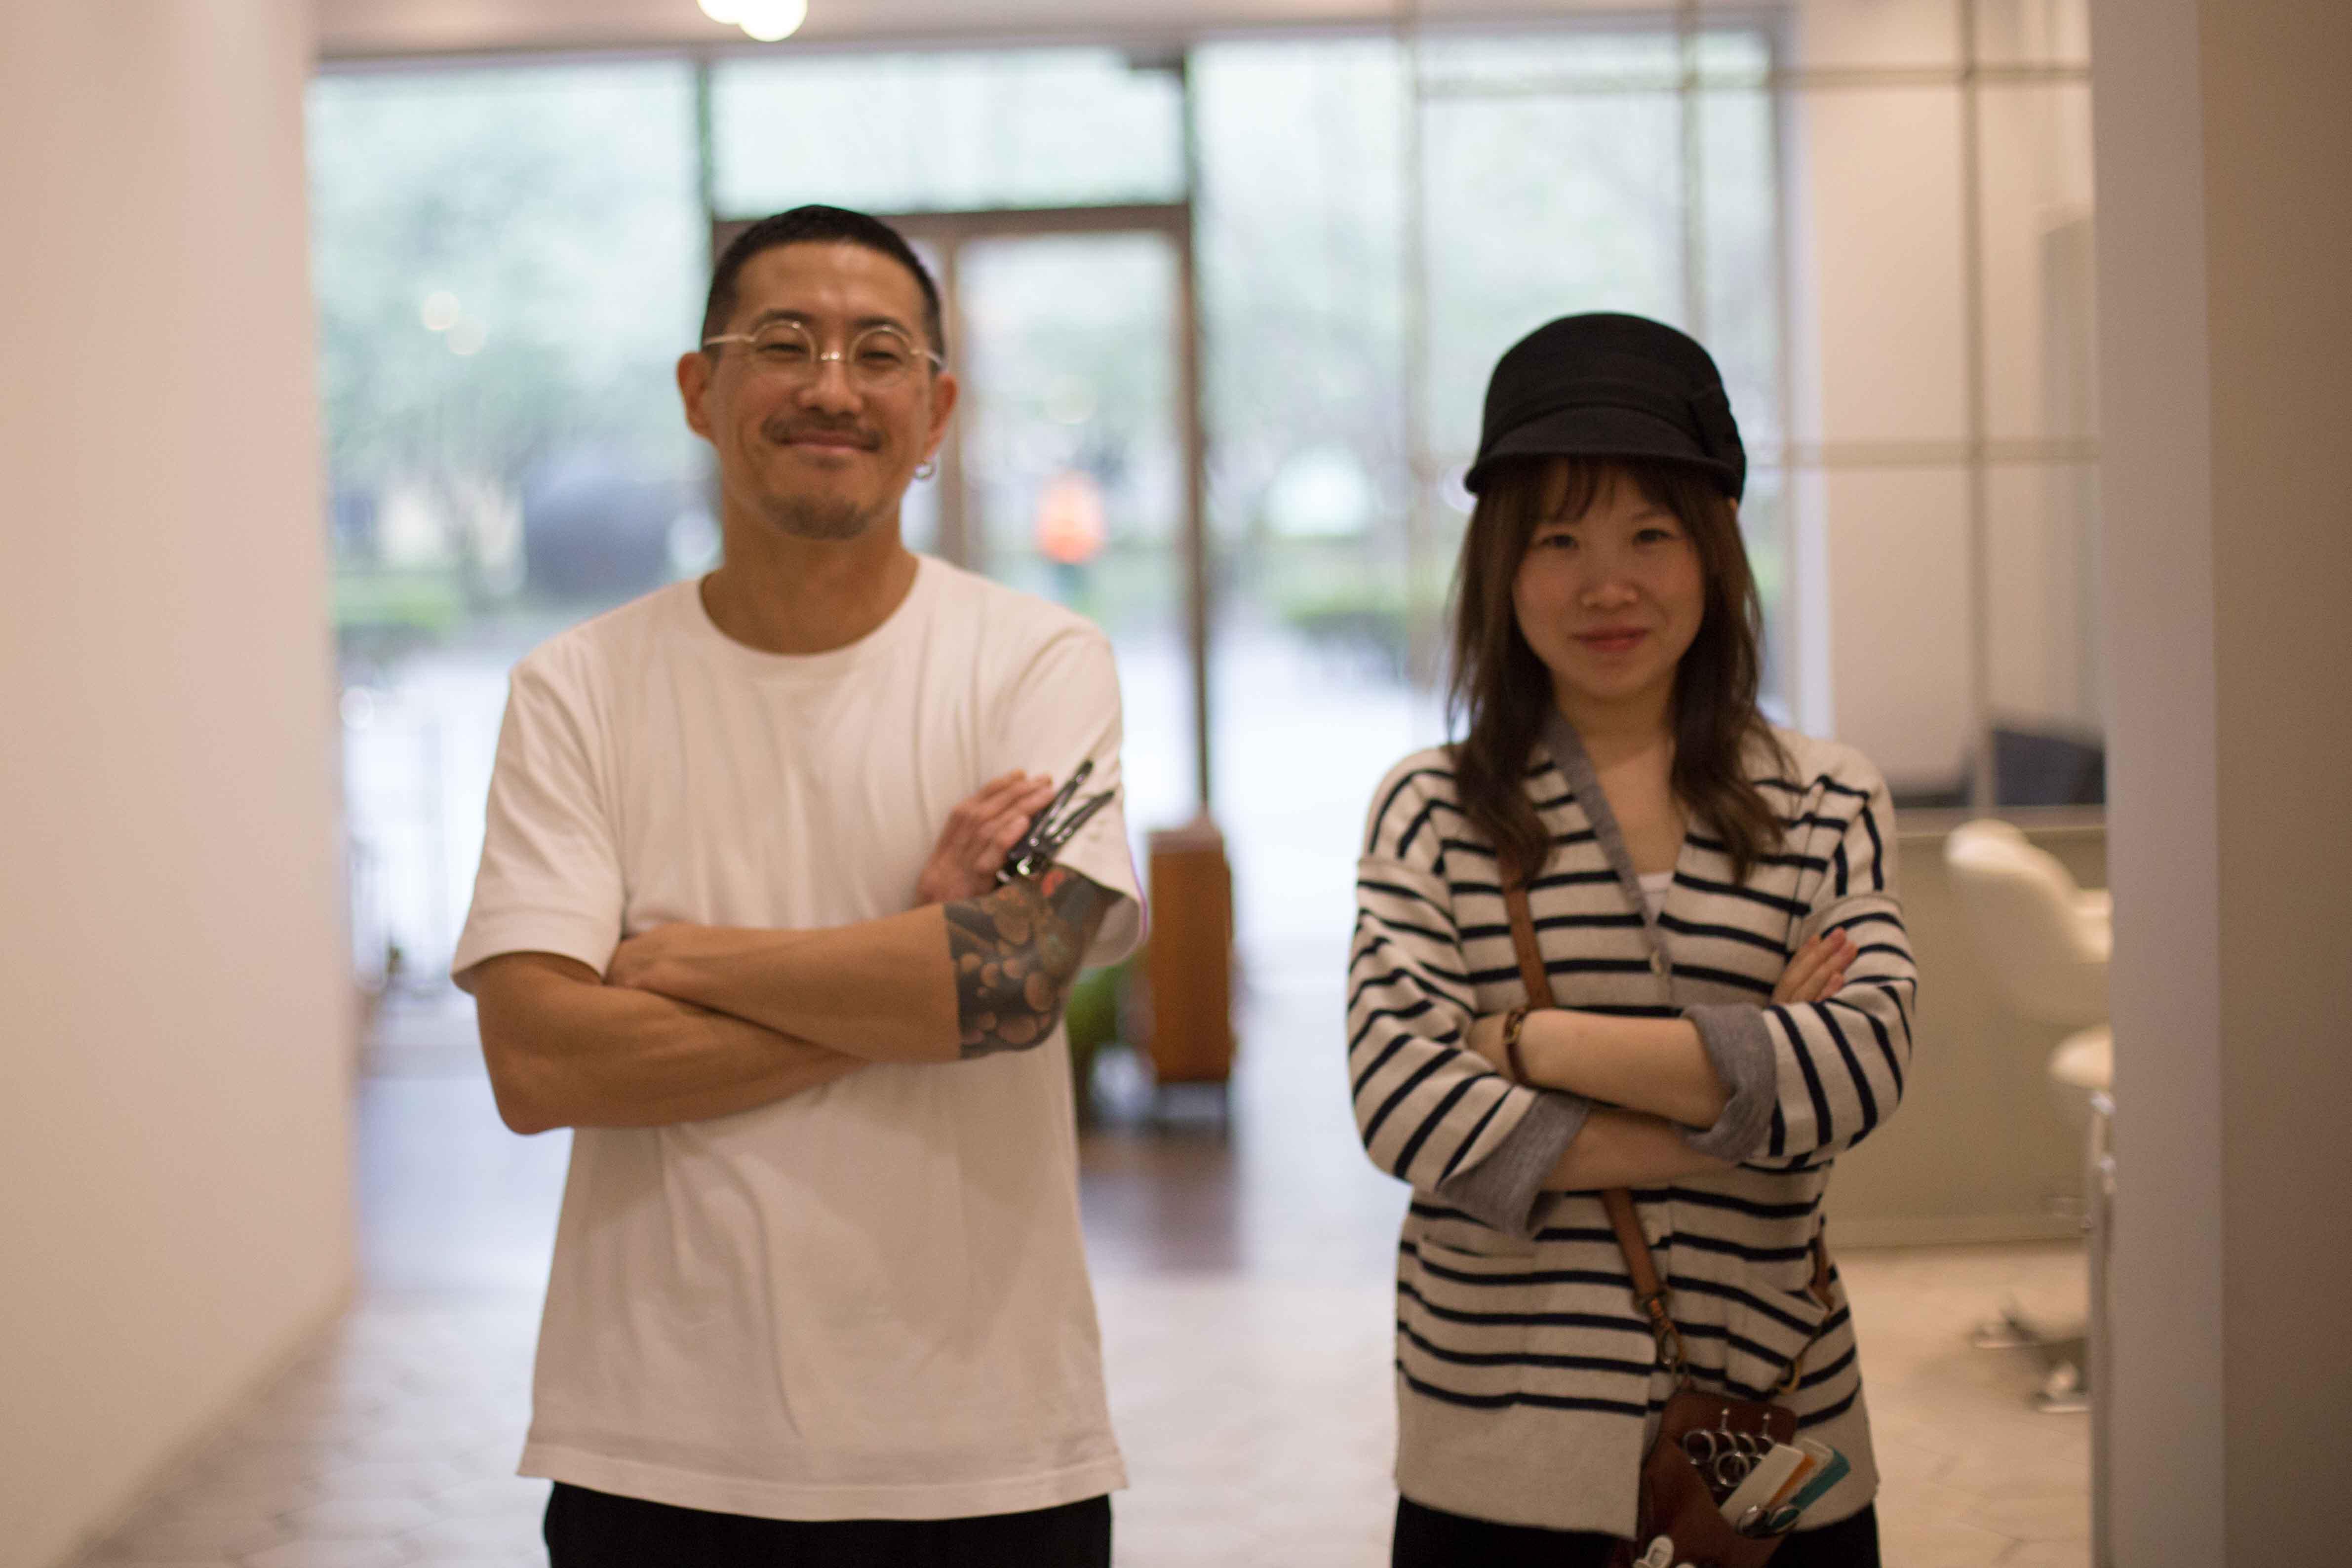 中国 北京 日系美容室 bangs 海外就職 日本人美容師 日本人スタイリスト スタイリスト募集 美容師で稼ぐ 年収1000万円